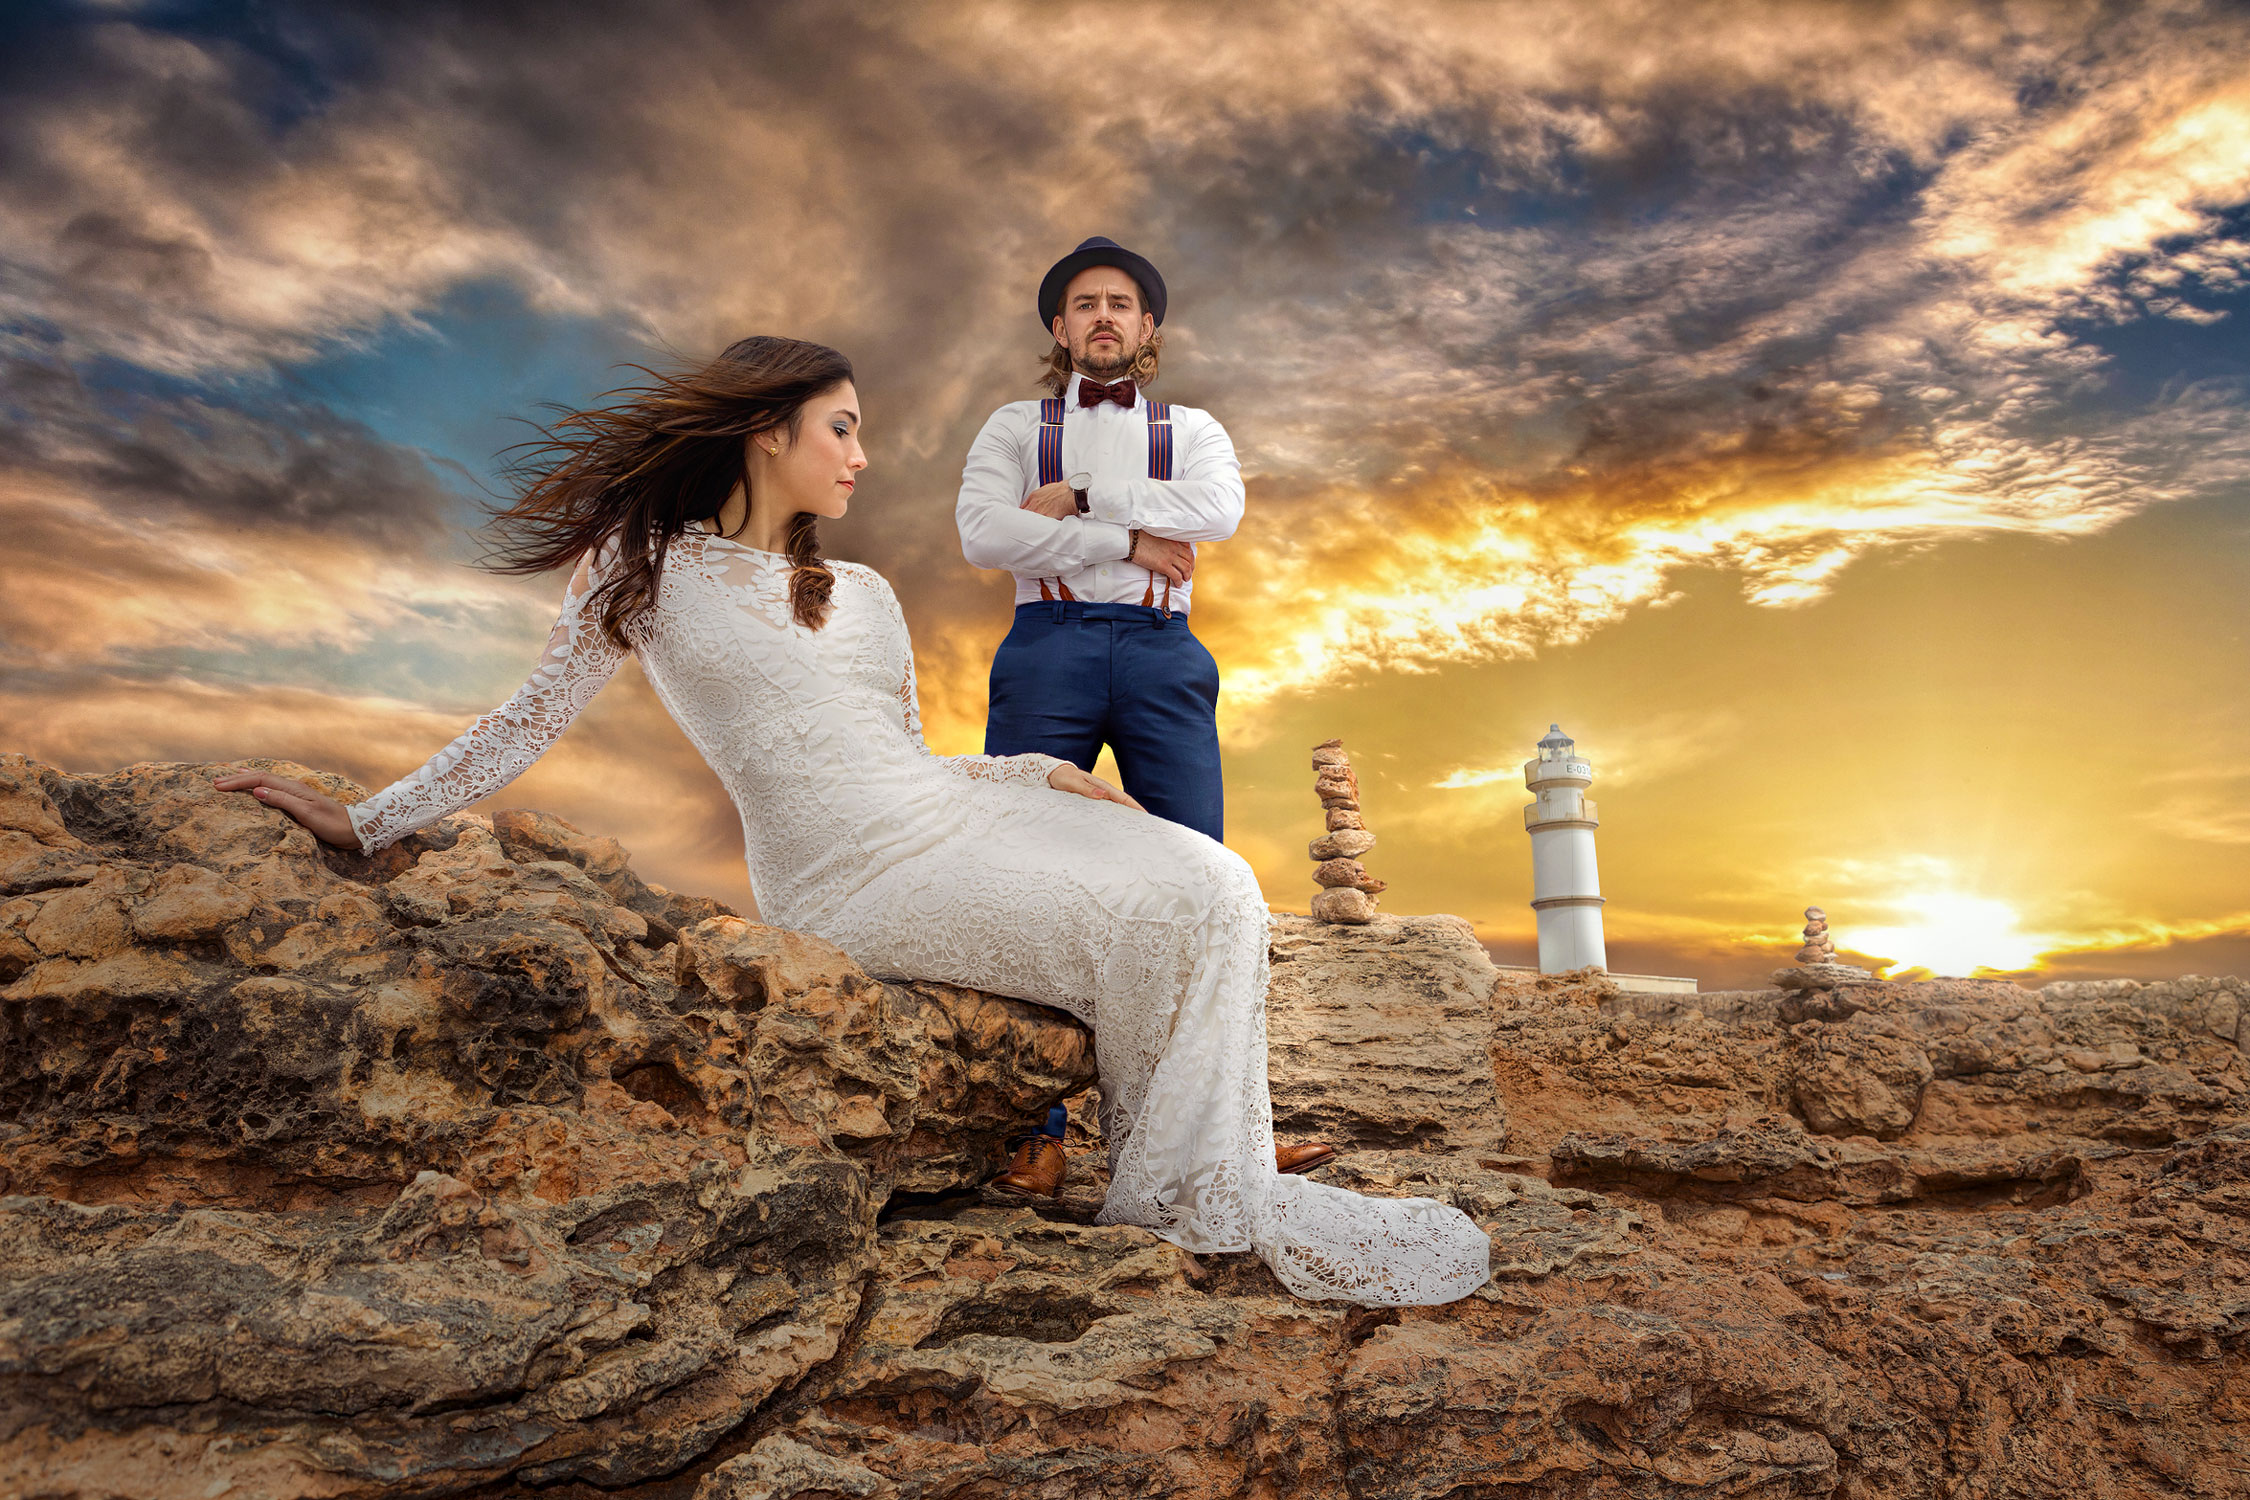 HochzeHochzeitsfotograf / Weddingphotography / Mallorca Wedding / Onylwedding.de / Fotostyle Schindler / Straubingtsfotograf / Fotostyle Schindler / Straubing